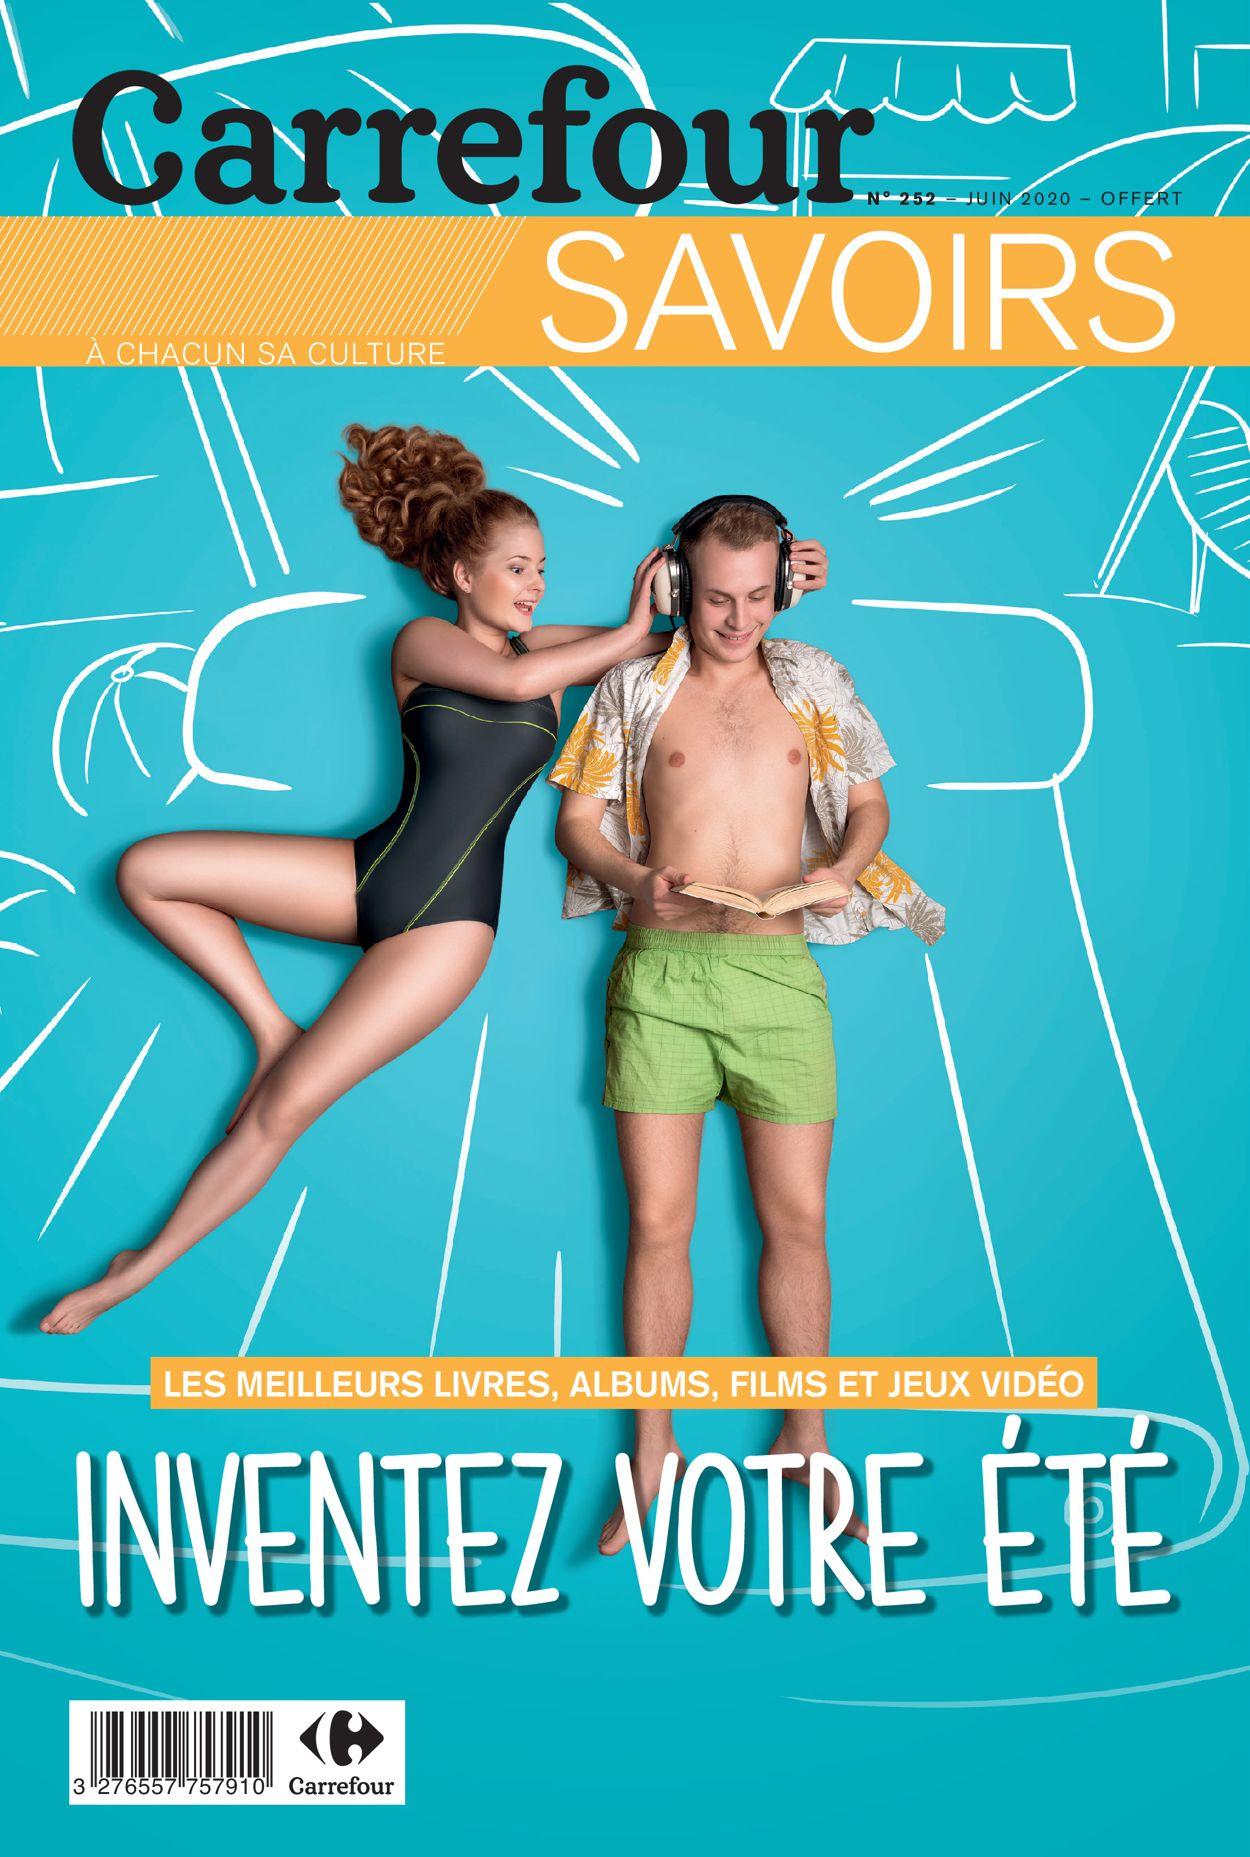 Carrefour Catalogue - 01.06-30.06.2020